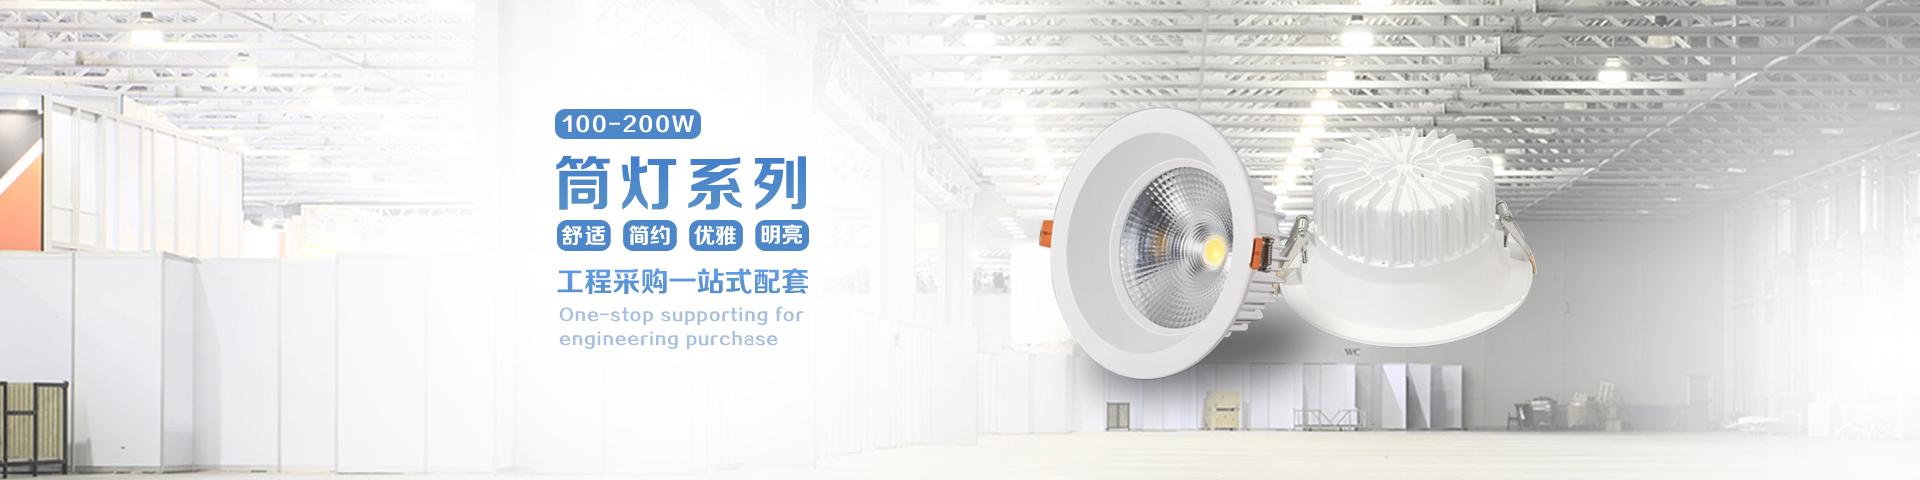 LED筒灯生产厂家